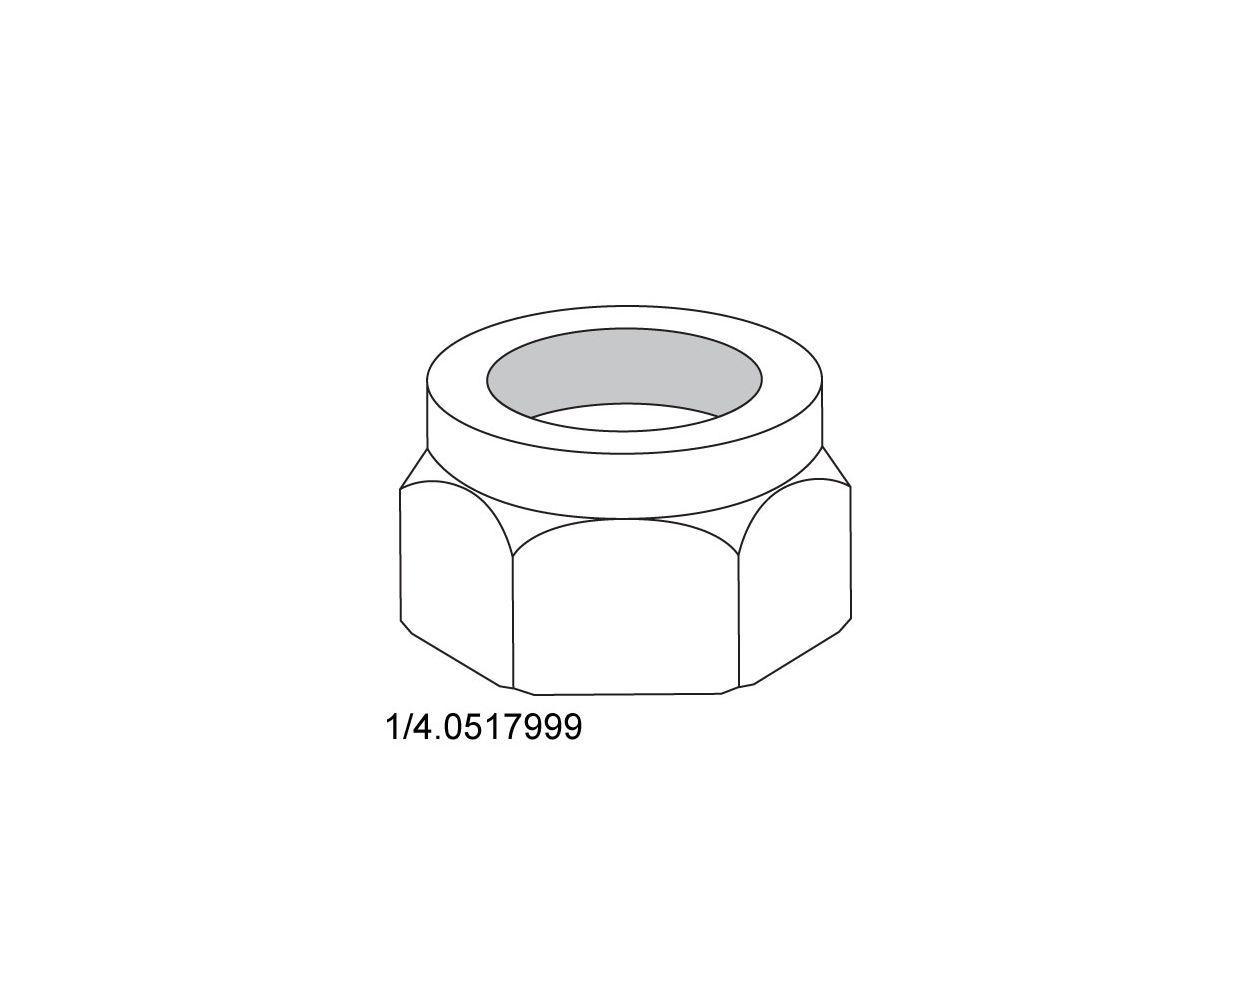 LOCKNUT - W/INSERT - 1/4-20 -